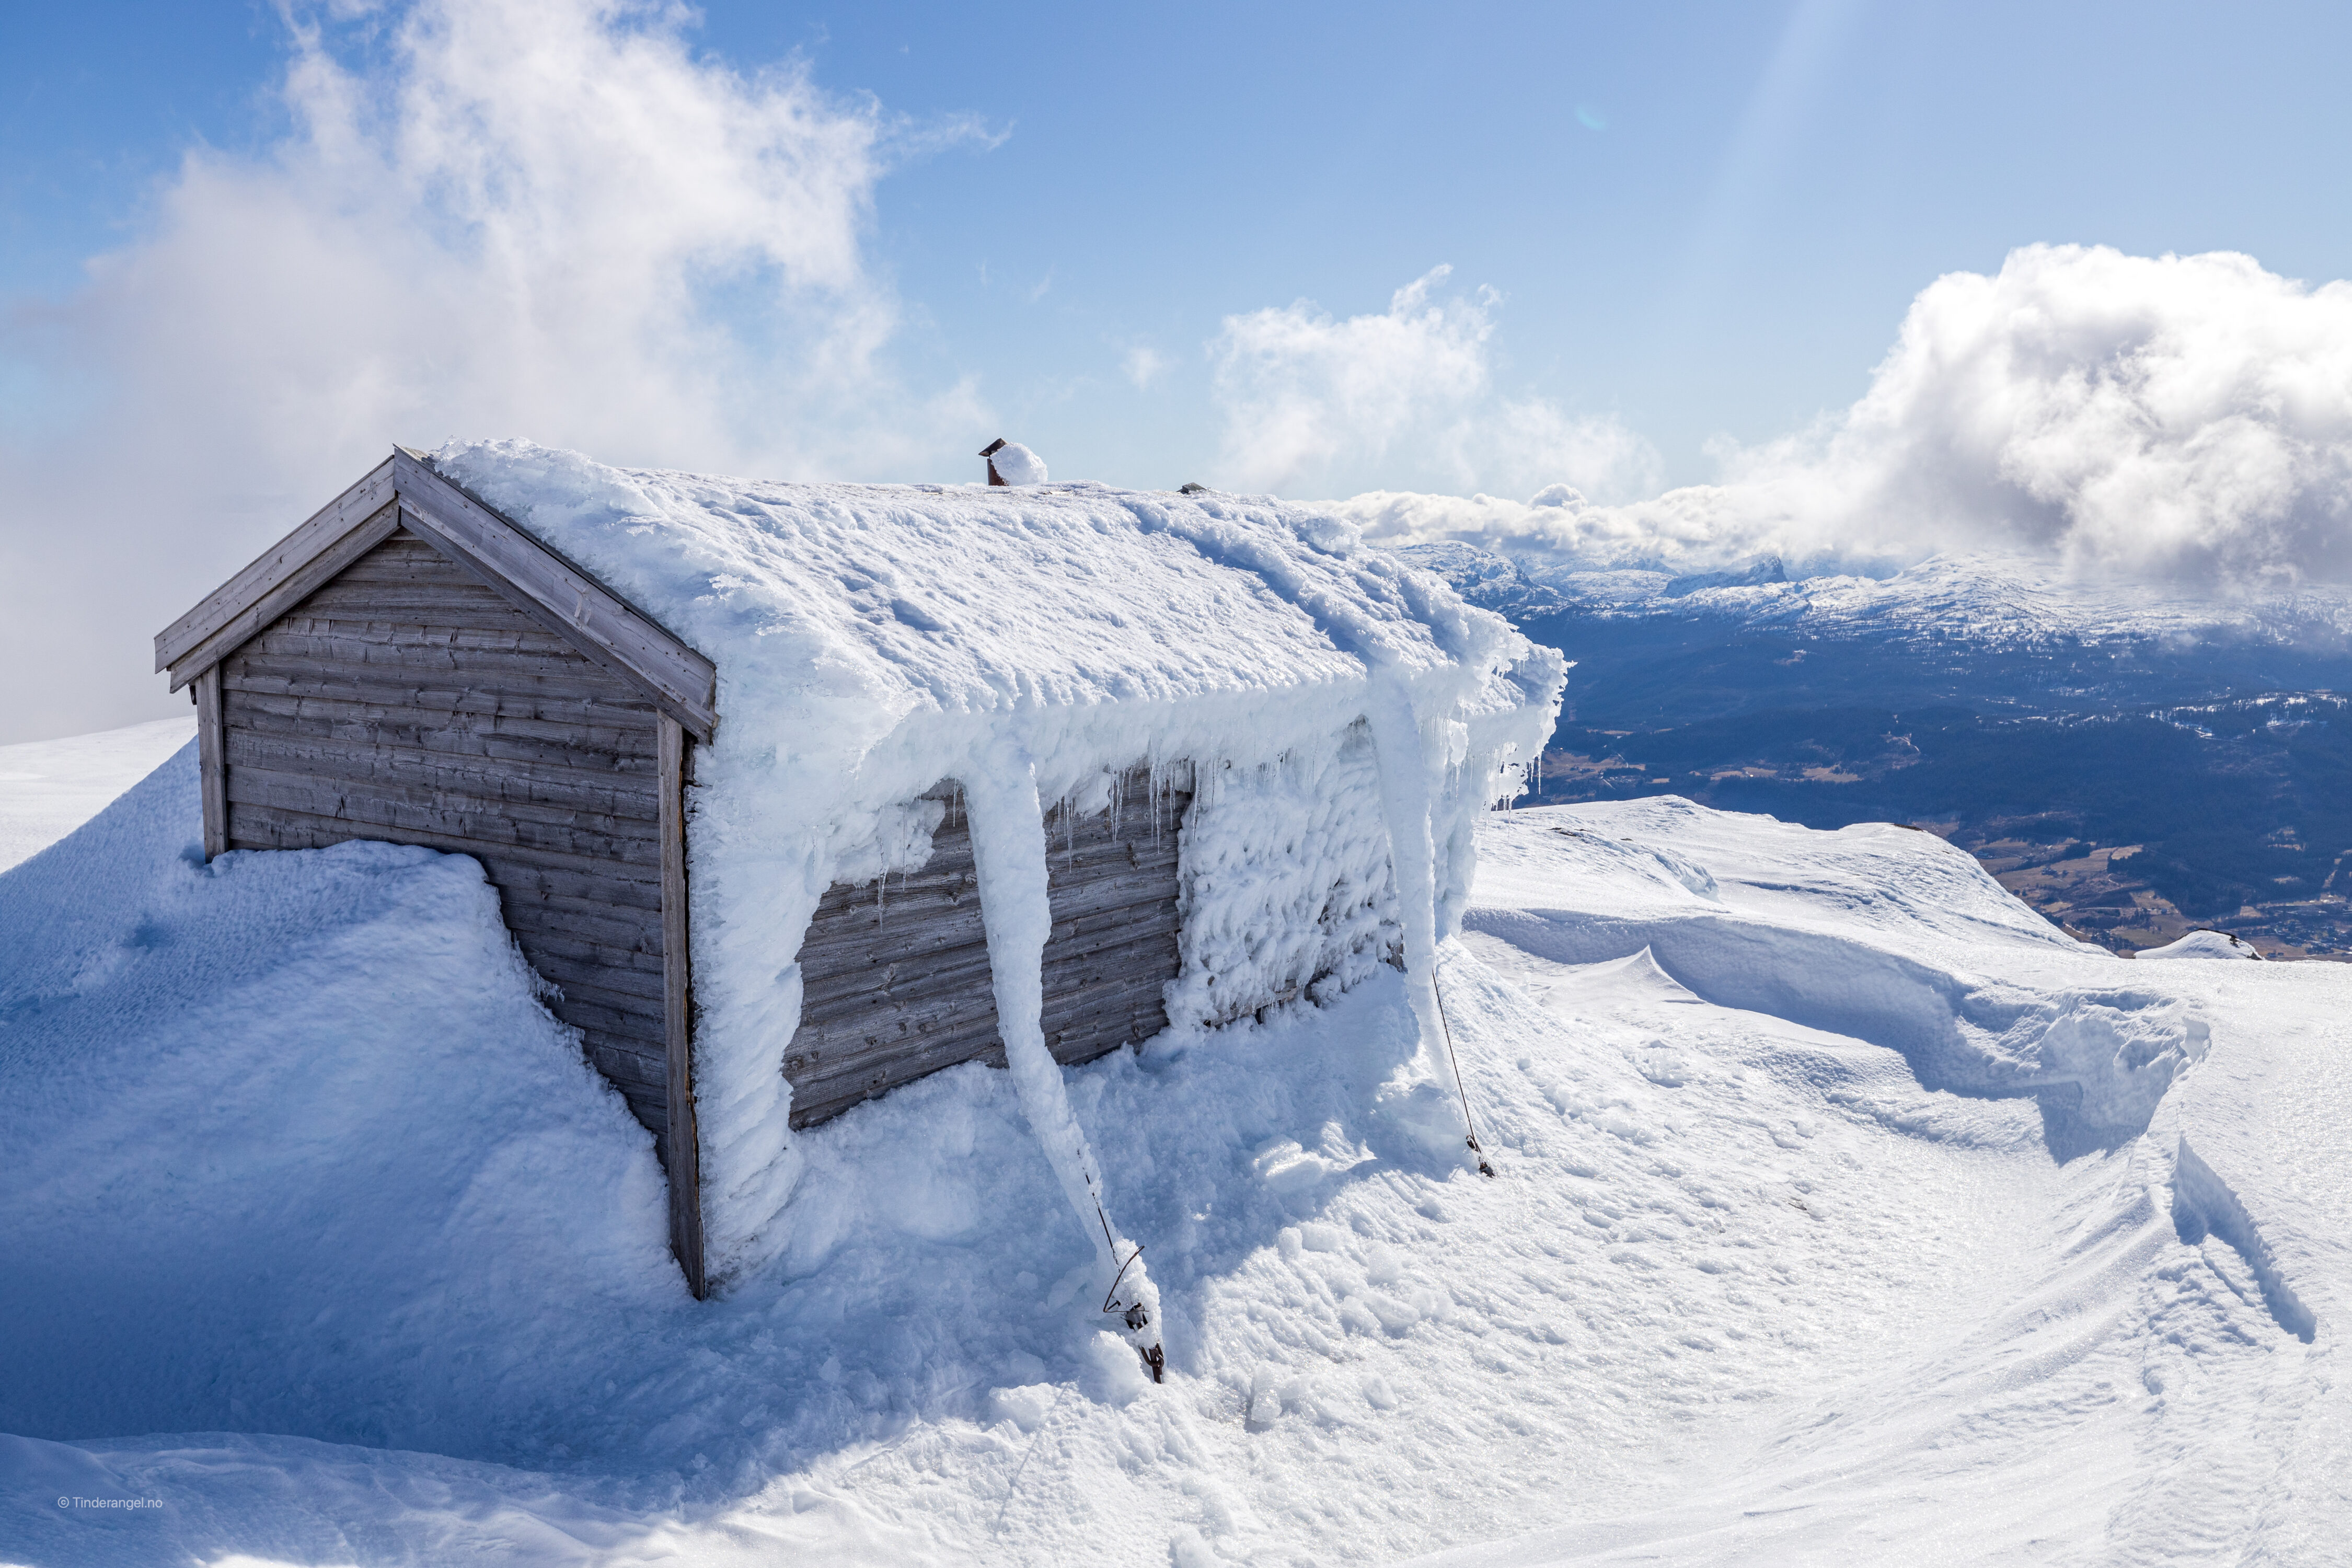 Kvilehytta på Lønahorgi er et fint utsiktspunkt mot skianlegget i Bavallen.